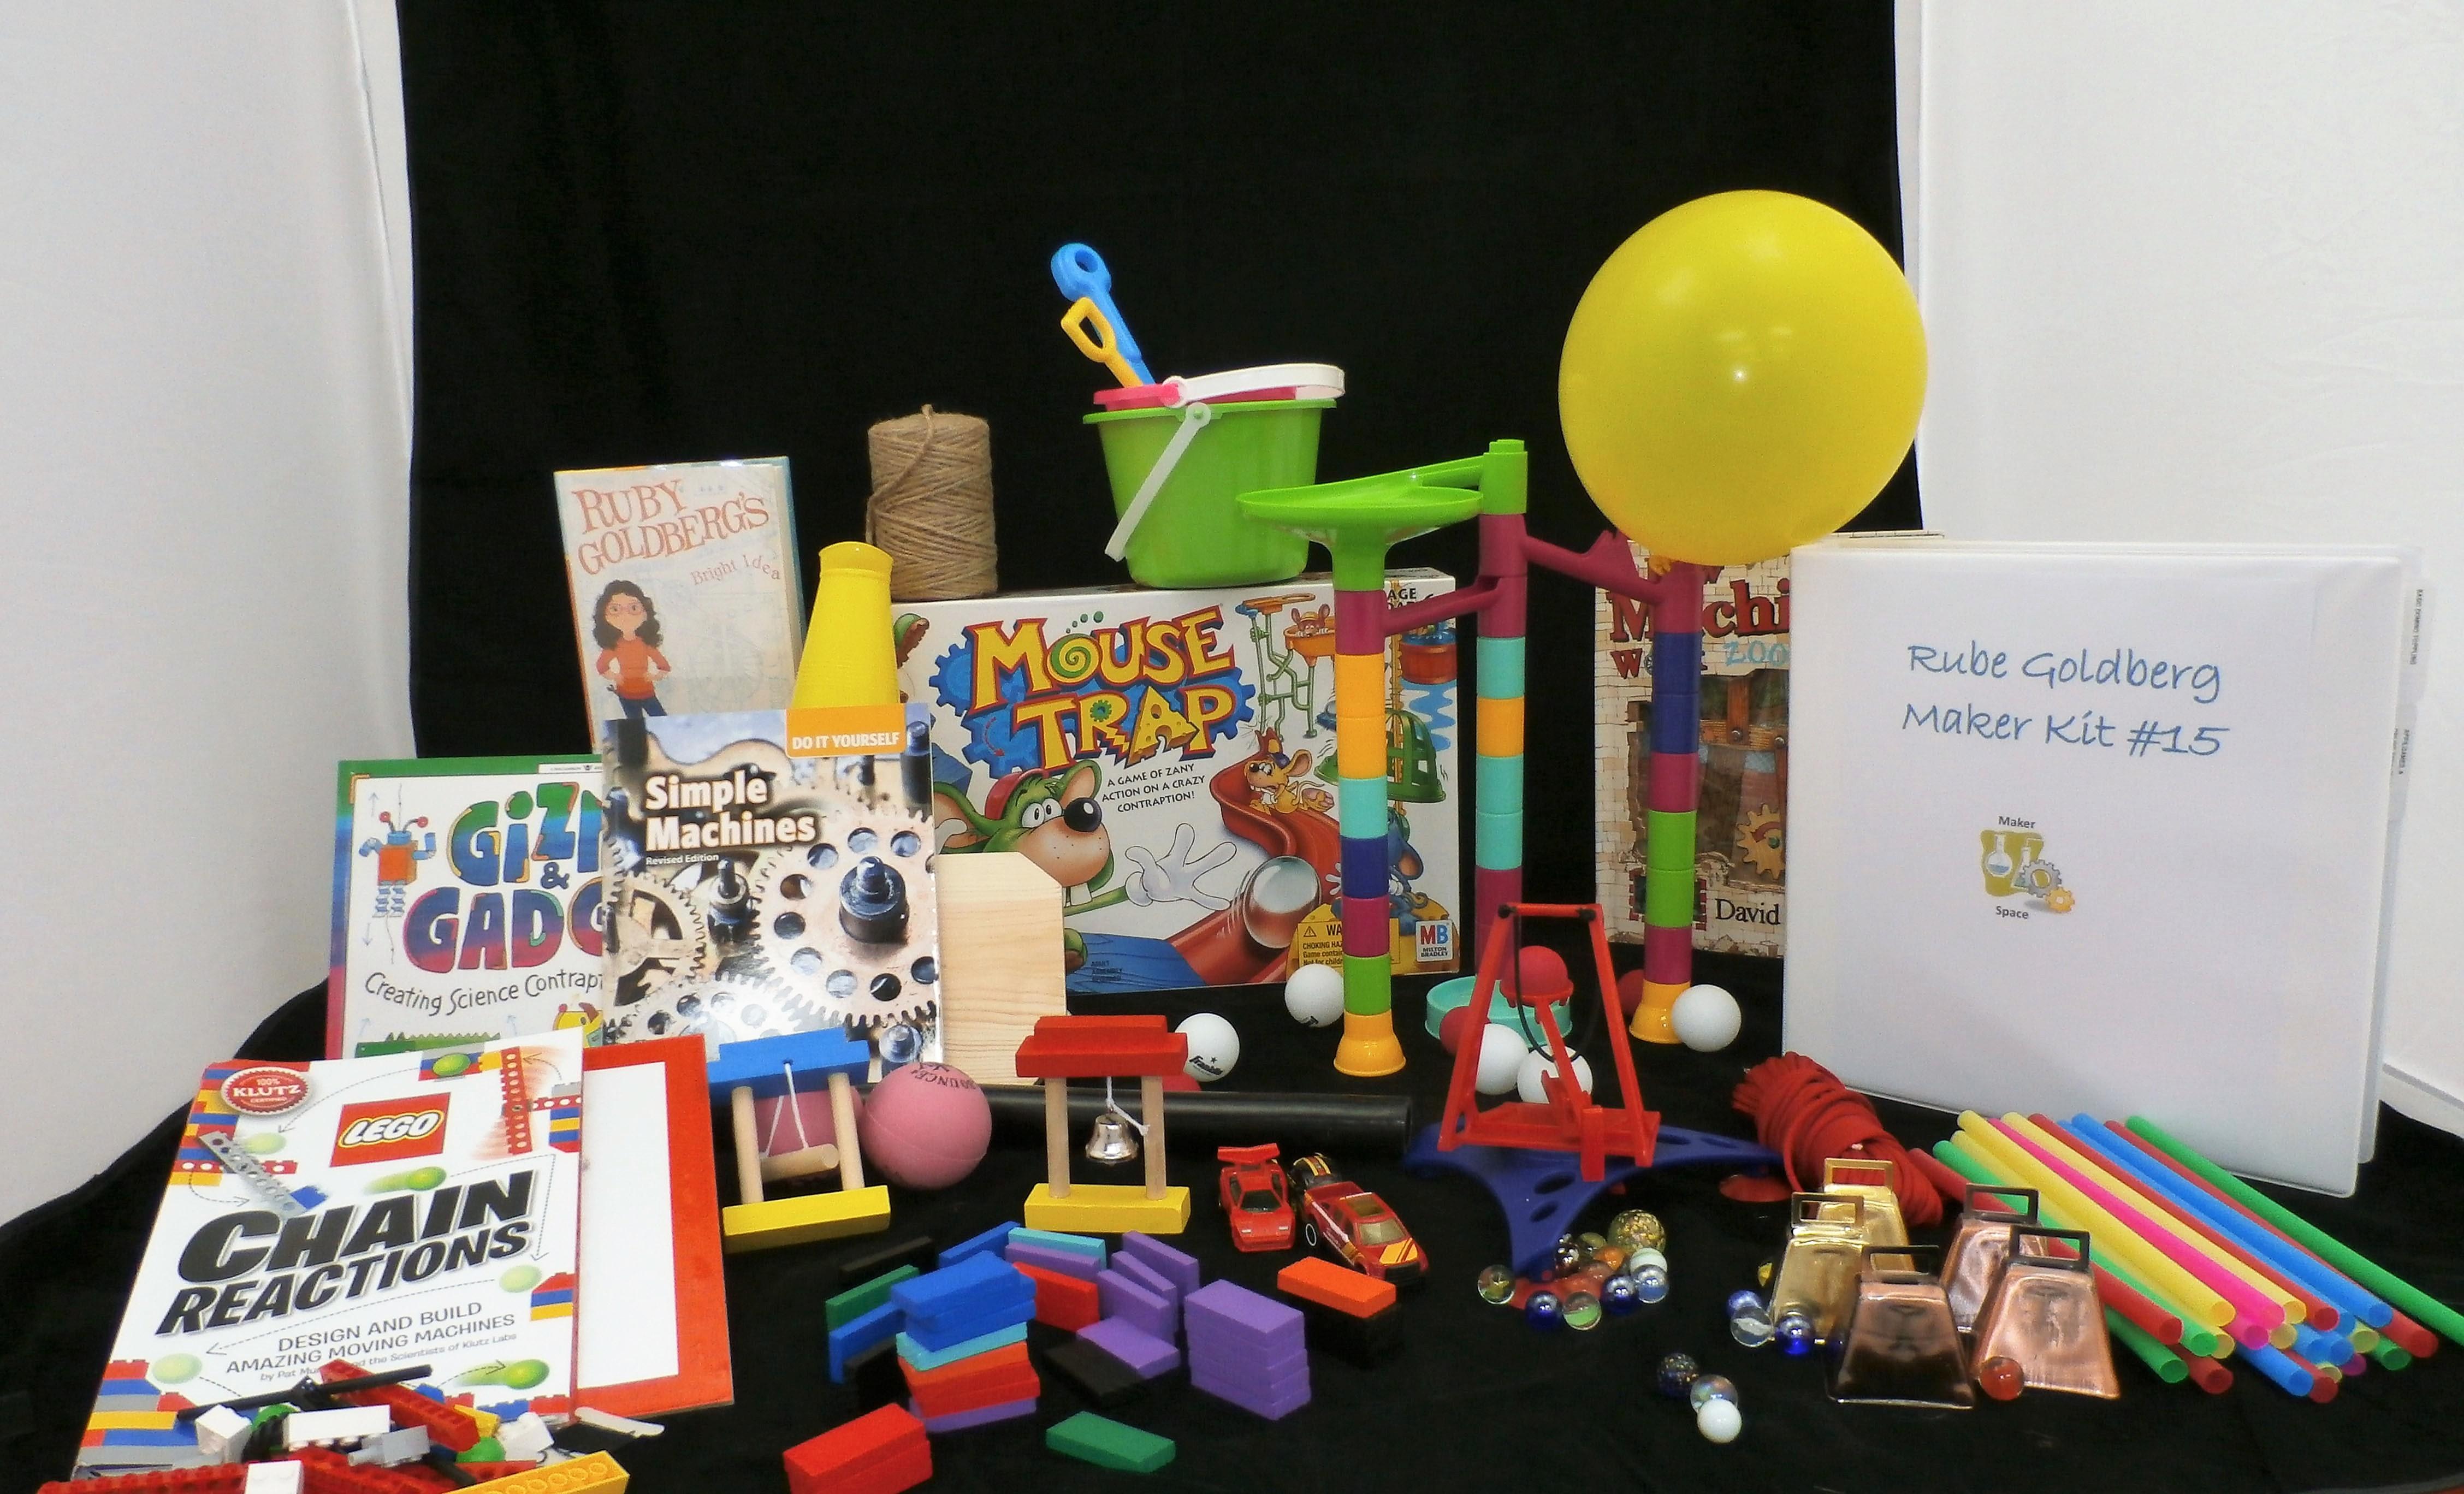 Maker Kit #15